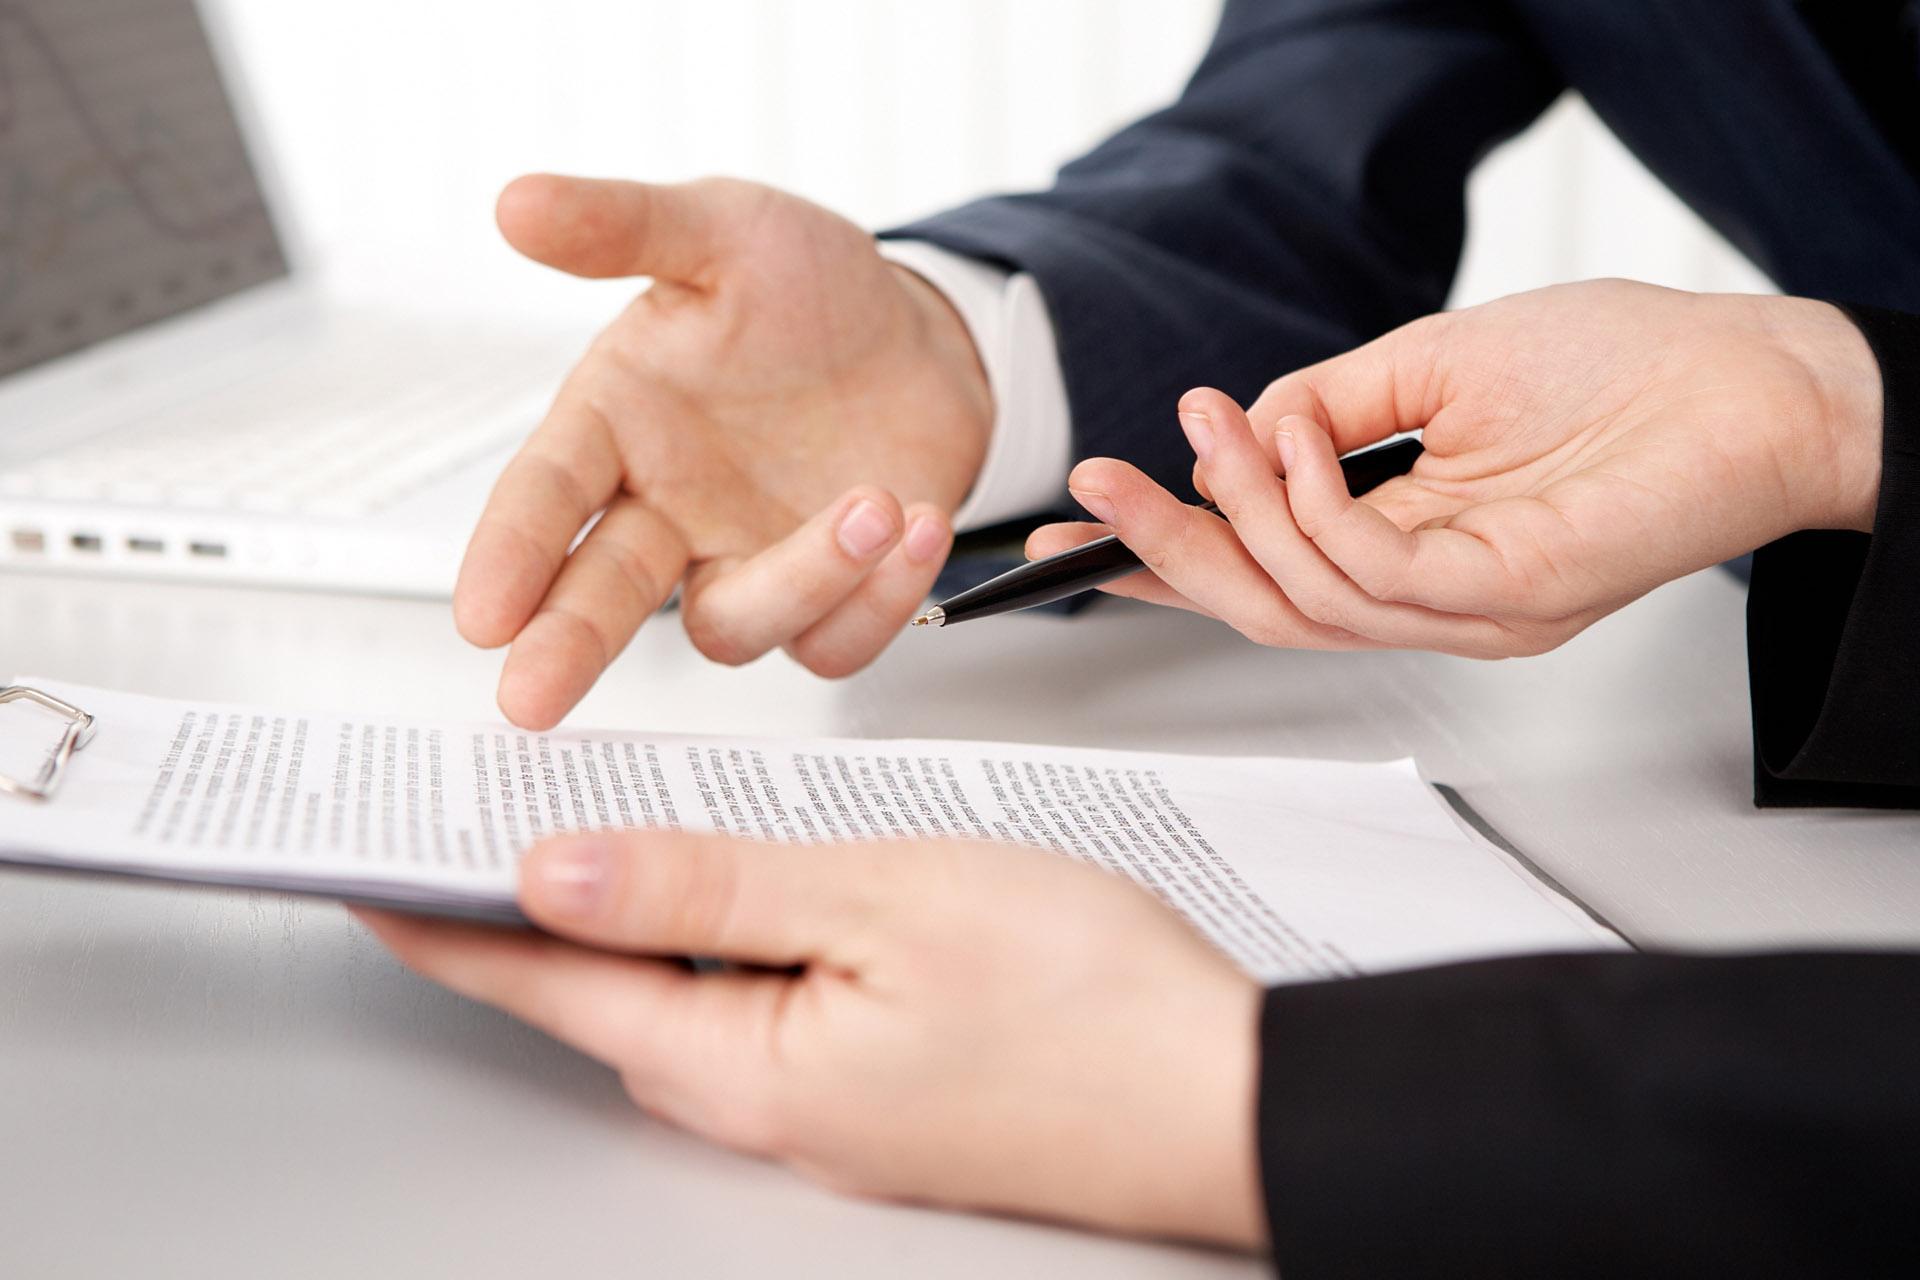 Asesoramos en todo tipo de procedimientos laborales, entre los que se encuentran